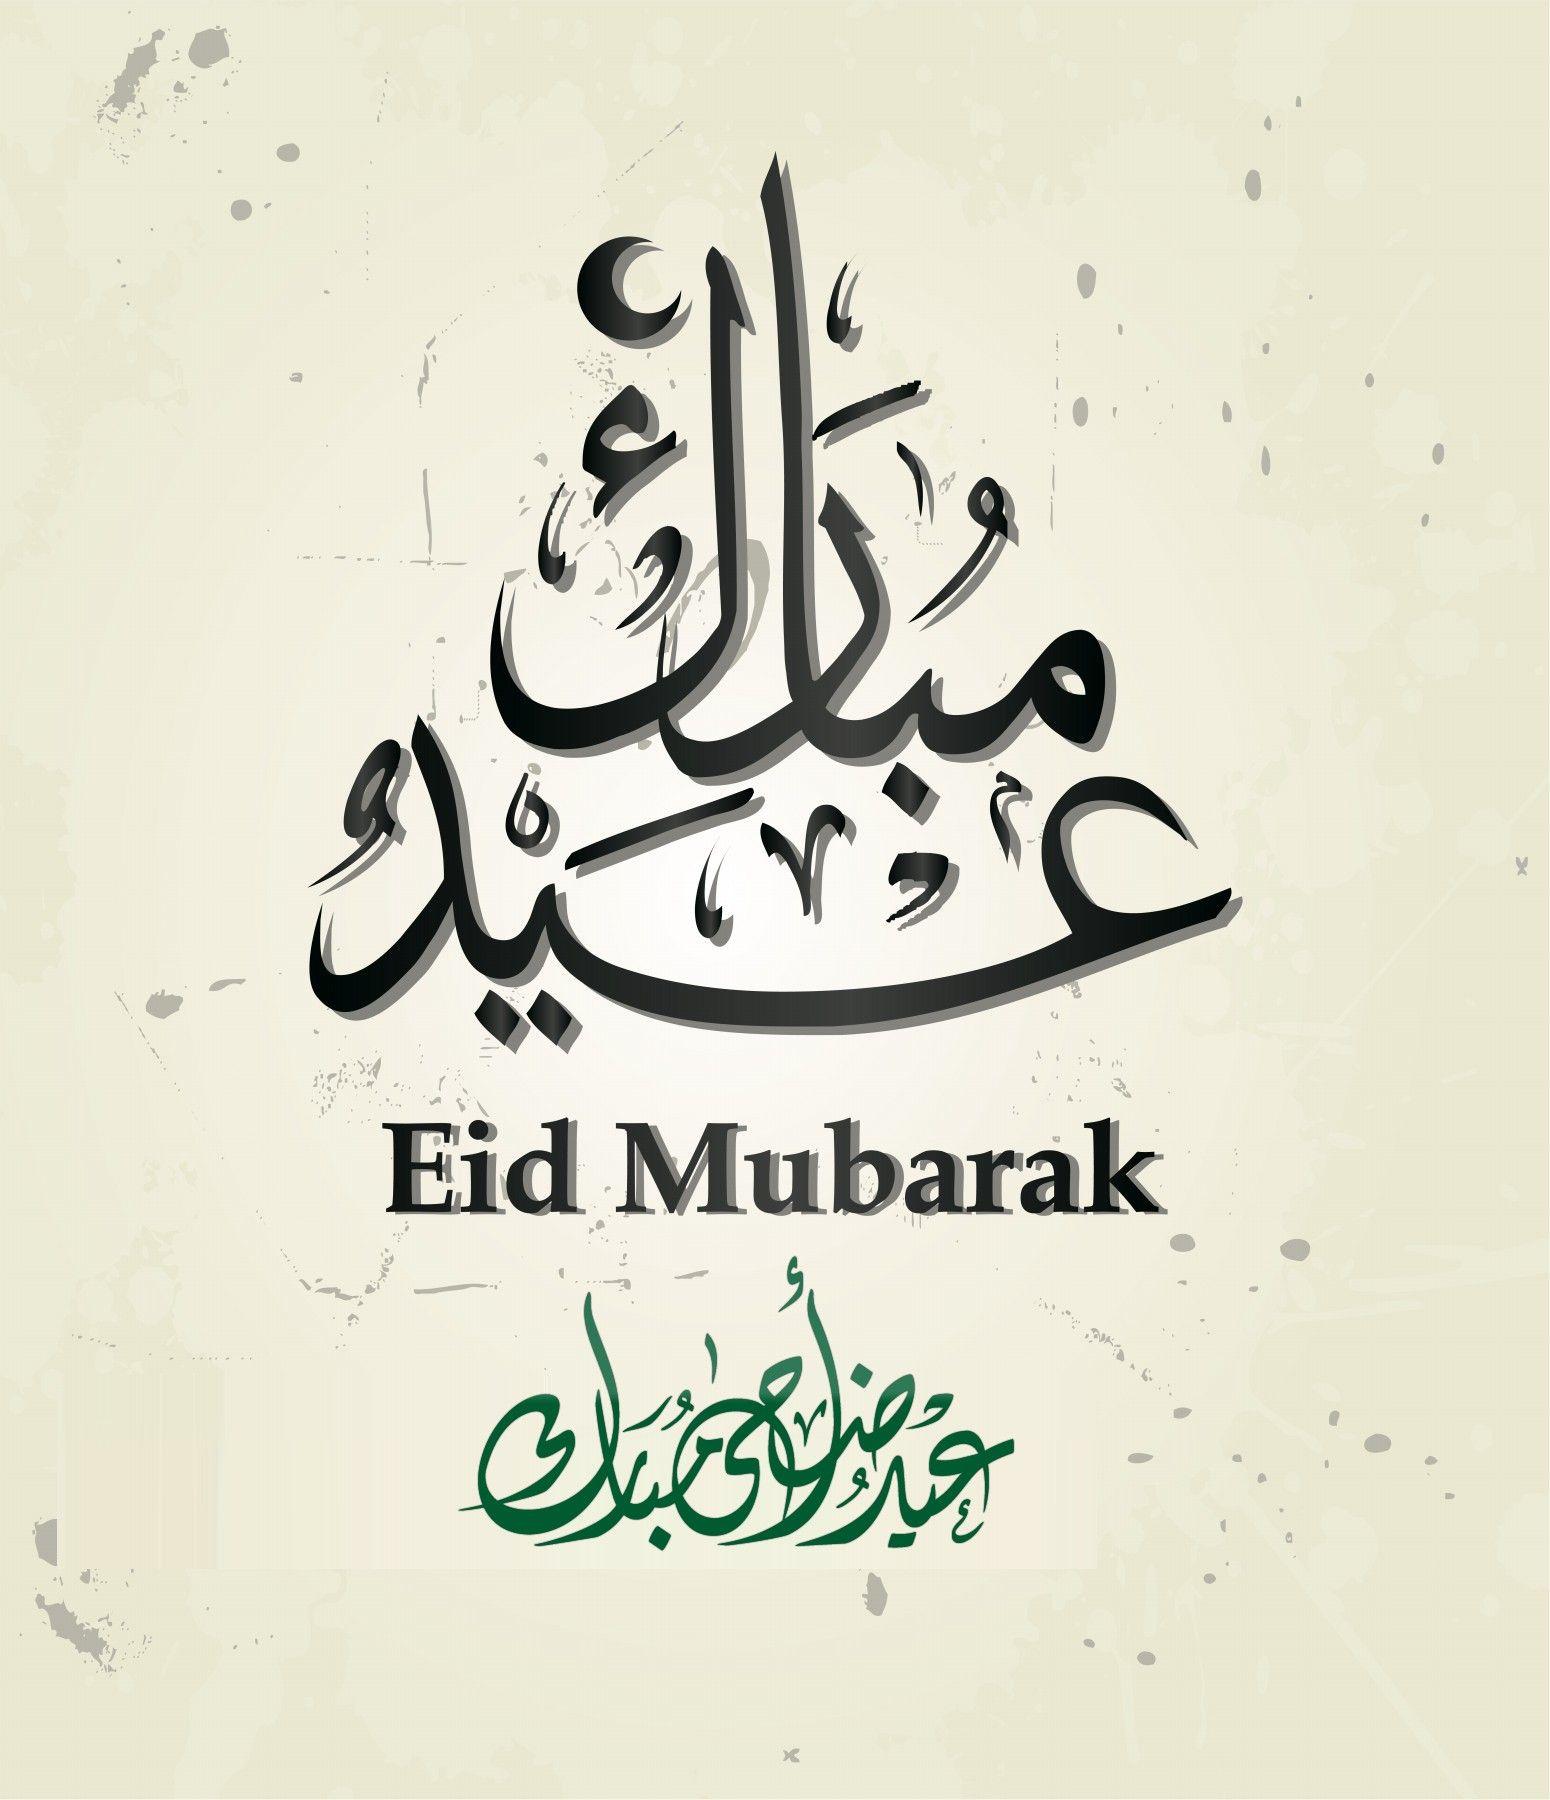 Eid Al Adha Photos Hd Eid Mubarak English Arabic The Raven